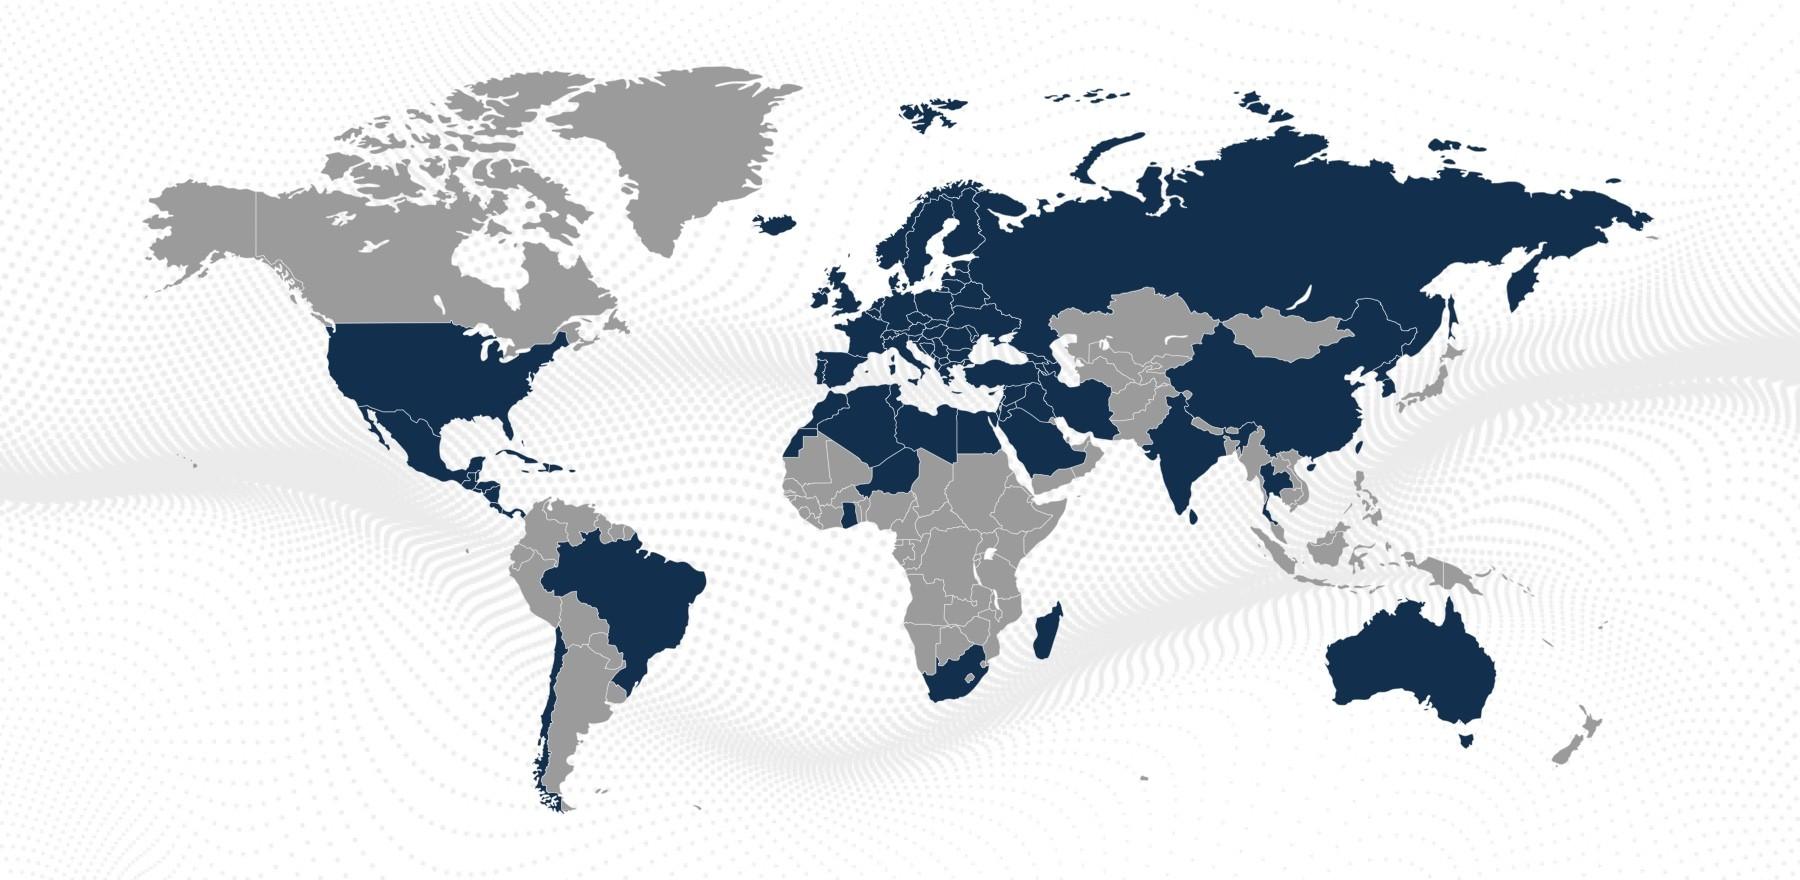 An international network - Image